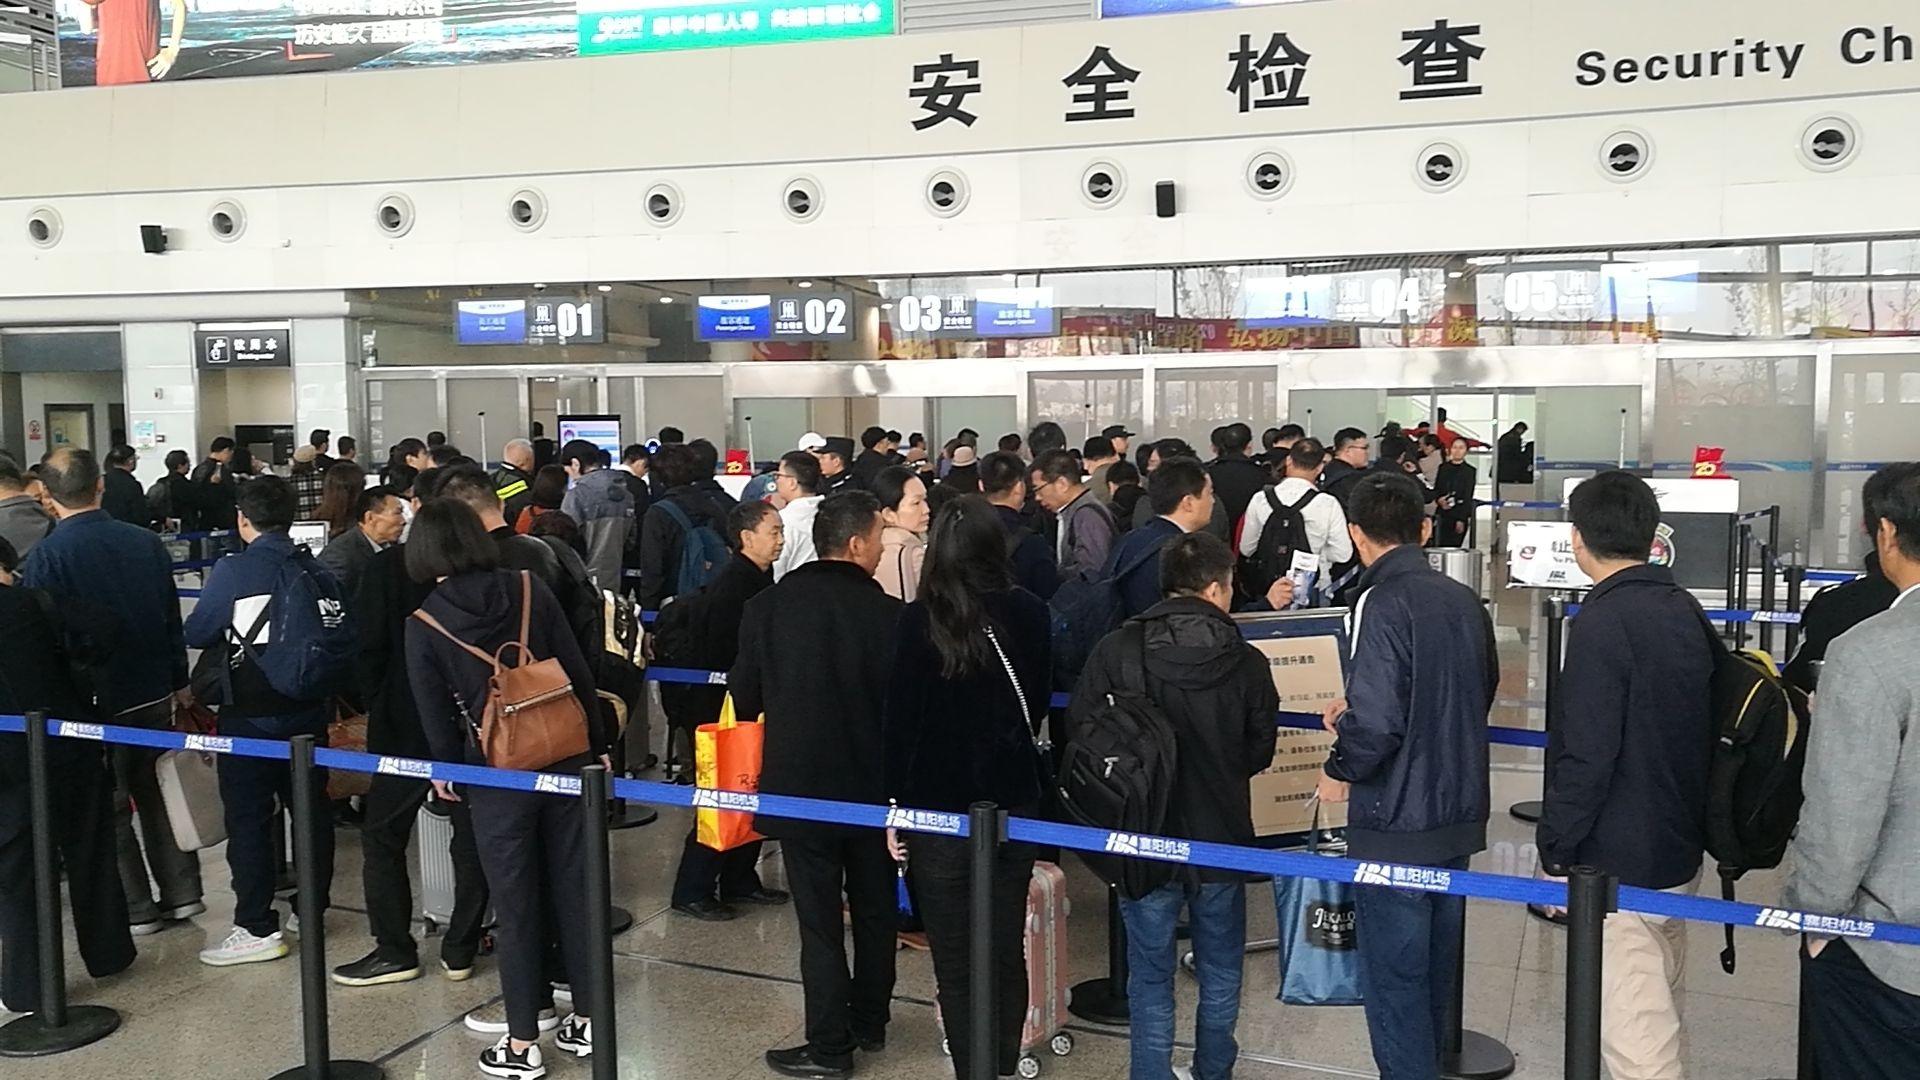 襄阳机场冬春换季 航线更方便、舒适、快捷